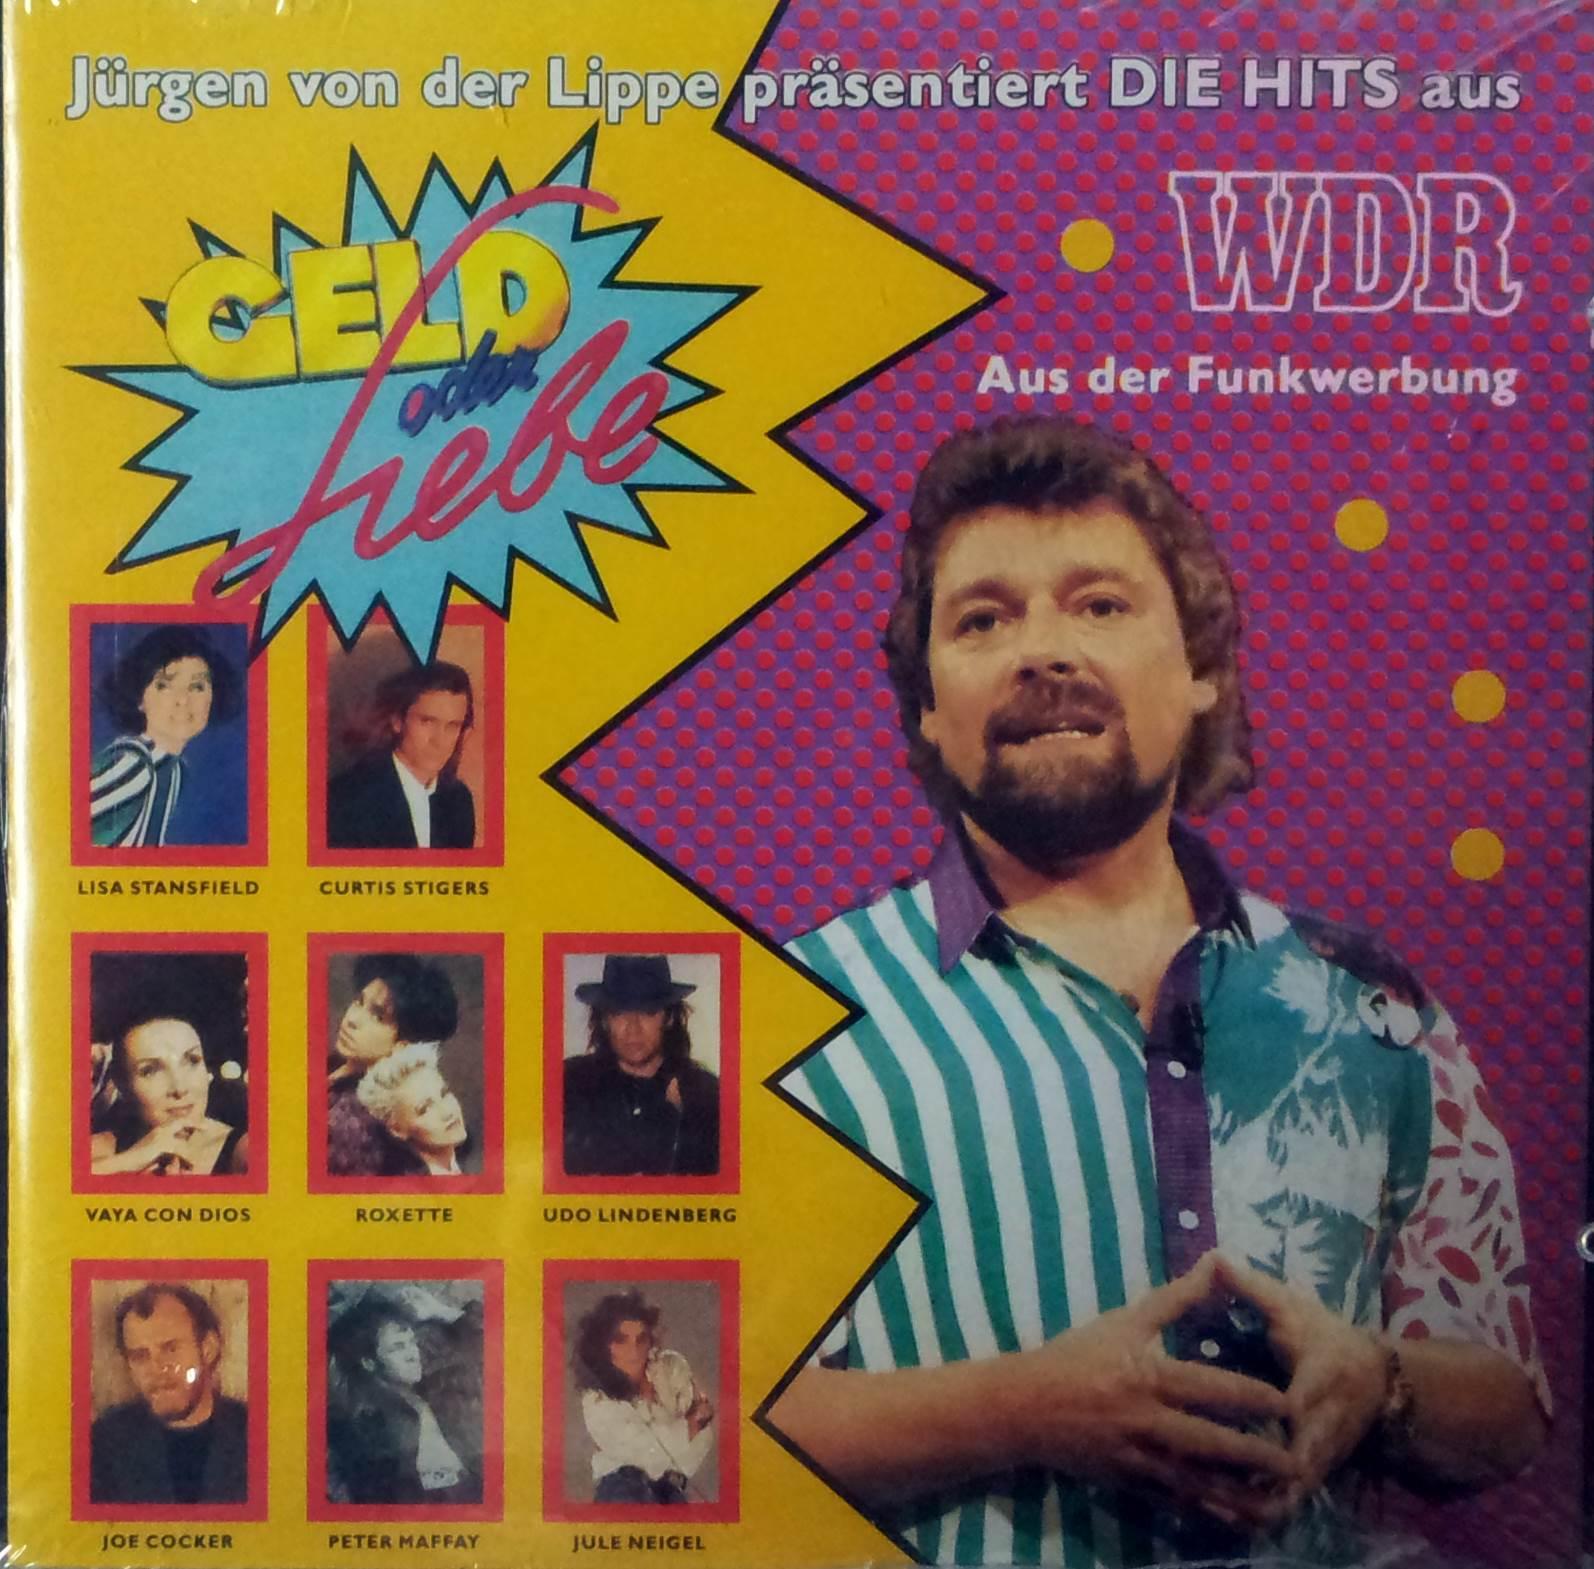 Jürgen von der Lippe präsentiert: Die Hits aus Geld oder Liebe